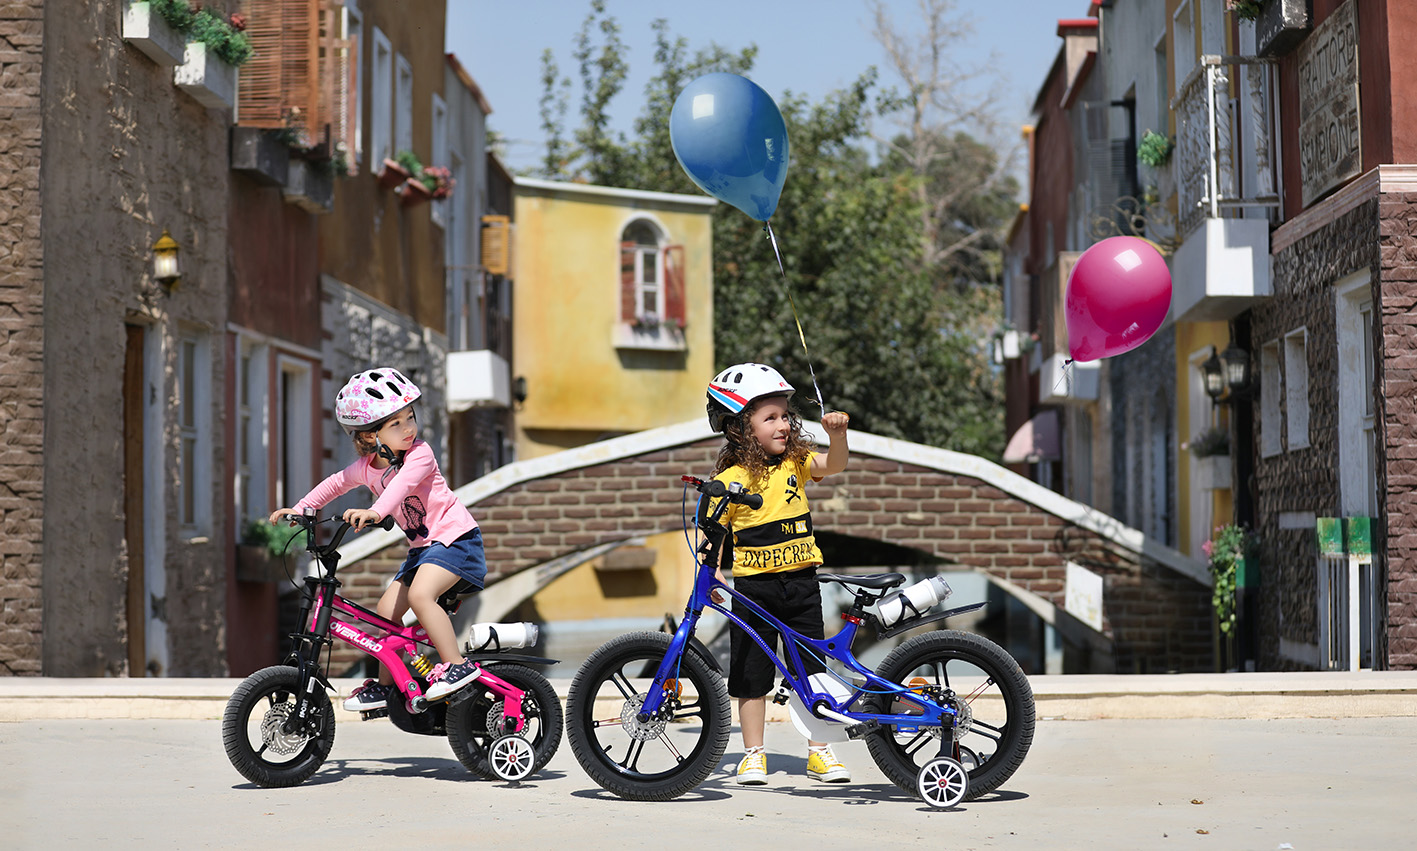 پسربچه در حال بازی با دوچرخه اورلرد